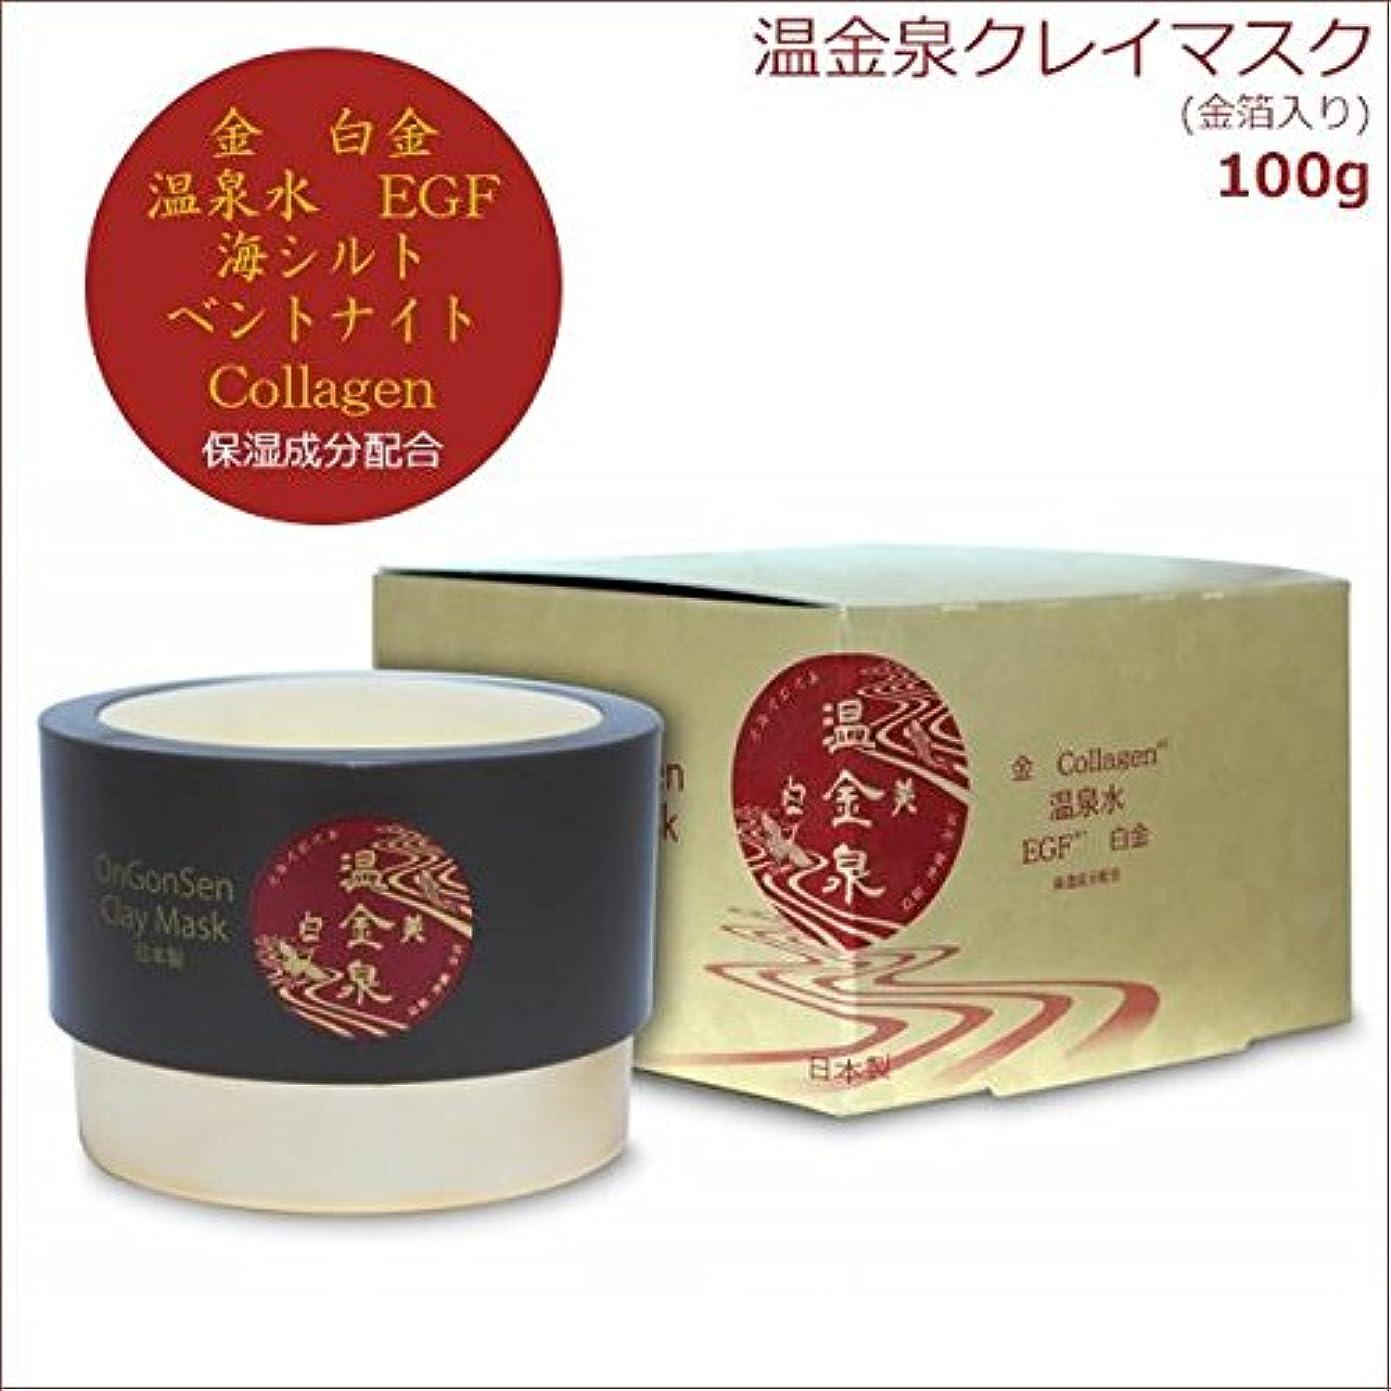 くぼみ規制訴える日本製 HiROSOPHY ヒロソフィー 温金泉(オンゴンセン)クレイマスク 金箔入り 100g